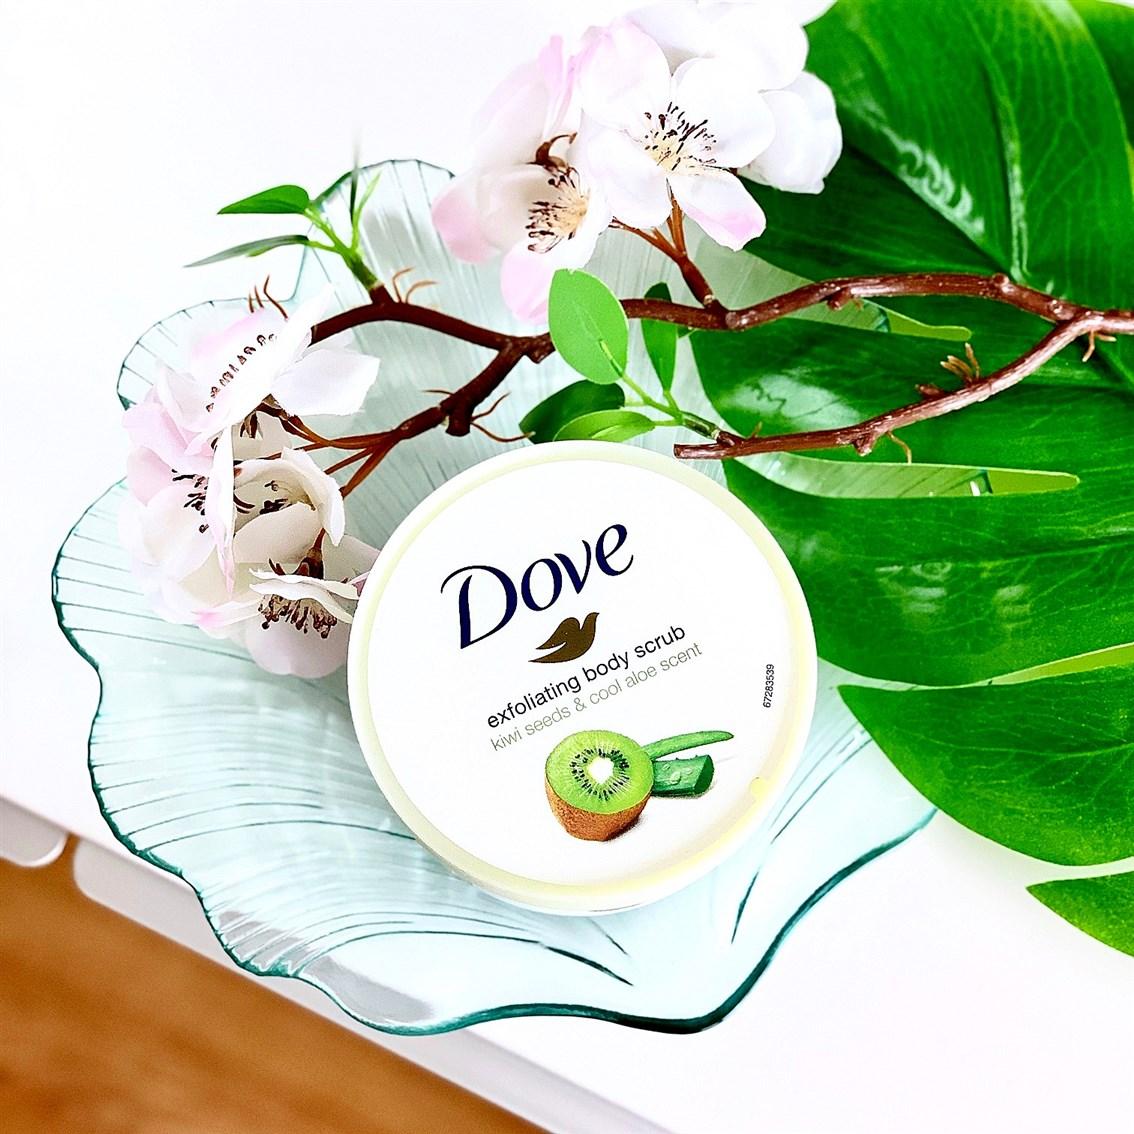 Dove złuszczający peeling do ciała kiwi i aloes